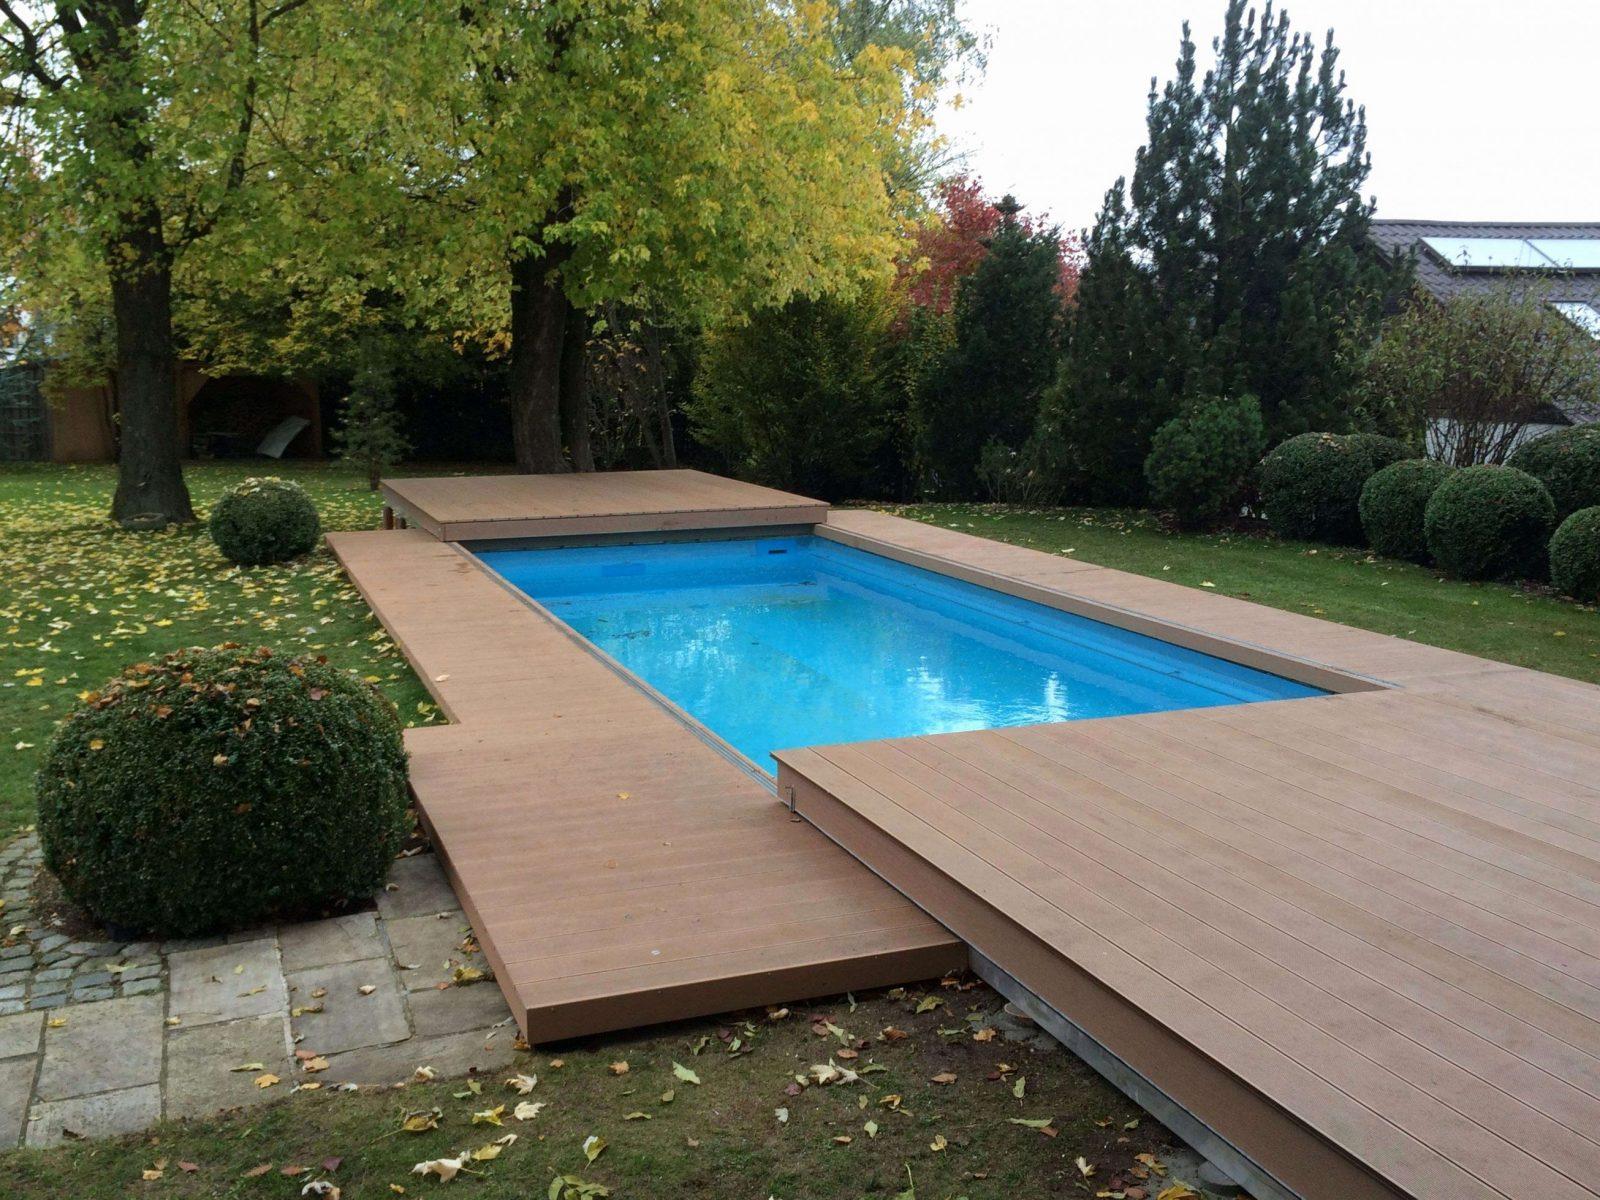 Pool Im Garten Selber Bauen Neueste Fotos Pool An Terrasse Schön von Pool Selber Bauen Billig Bild